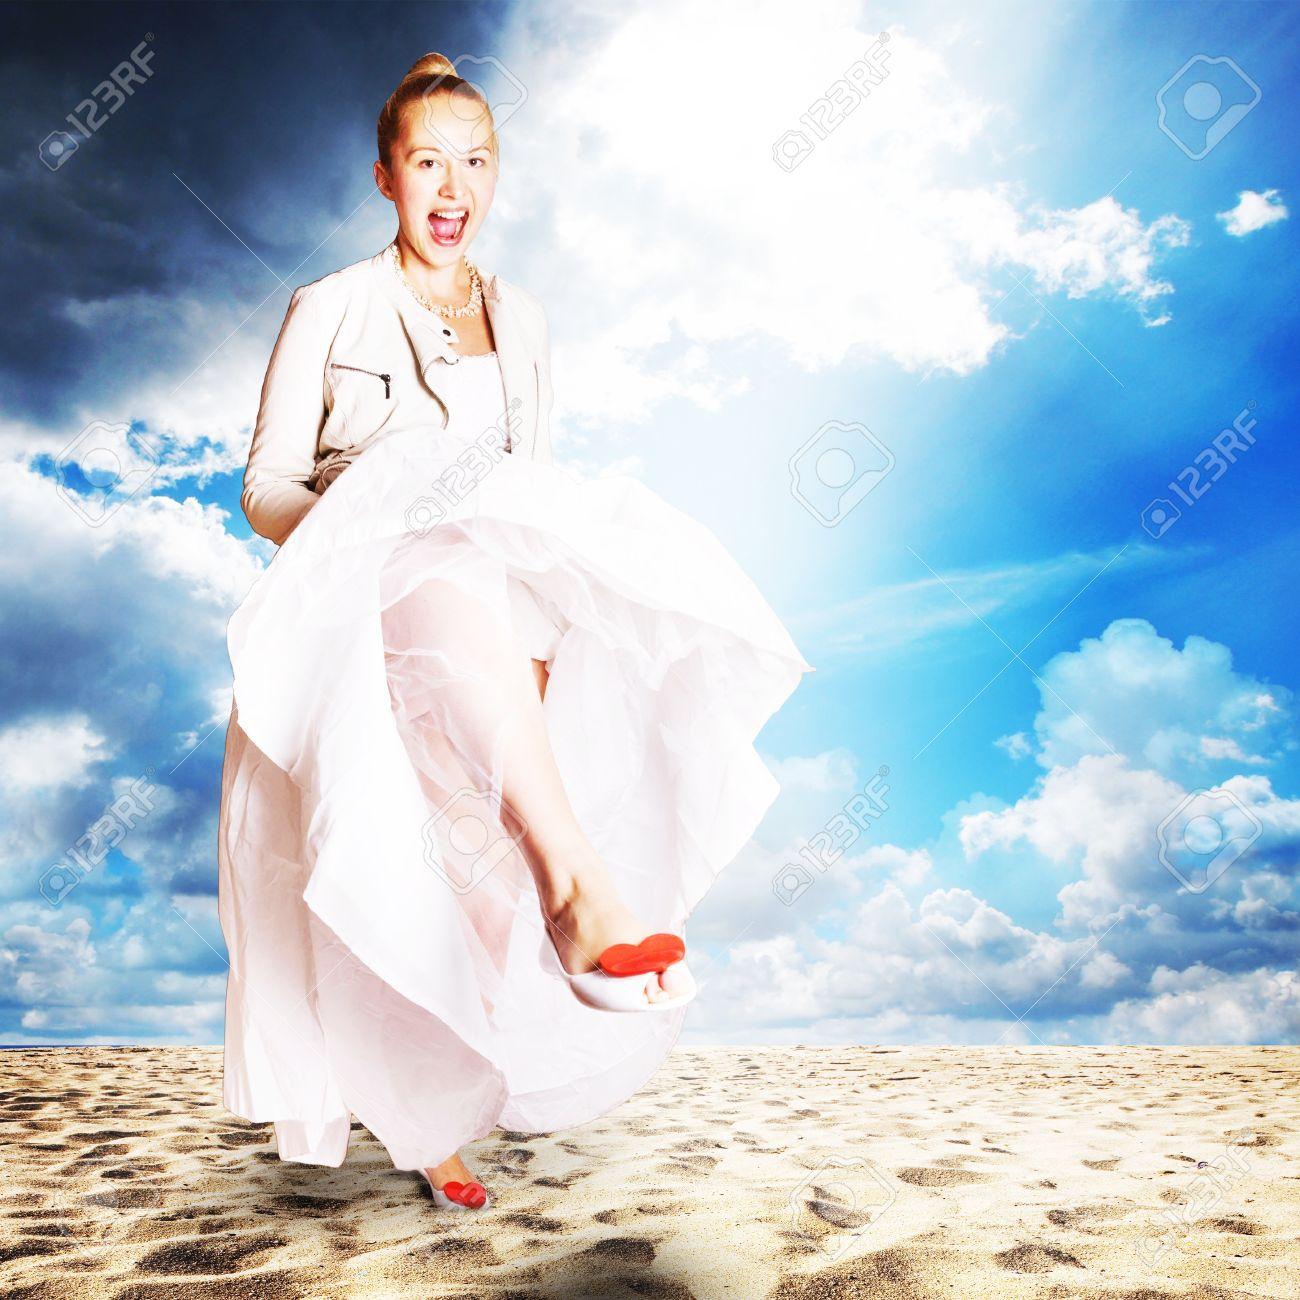 Braut Am Strand - Hochzeitskleid, Schuhe Mit Roten Herzen Und Weißem ...